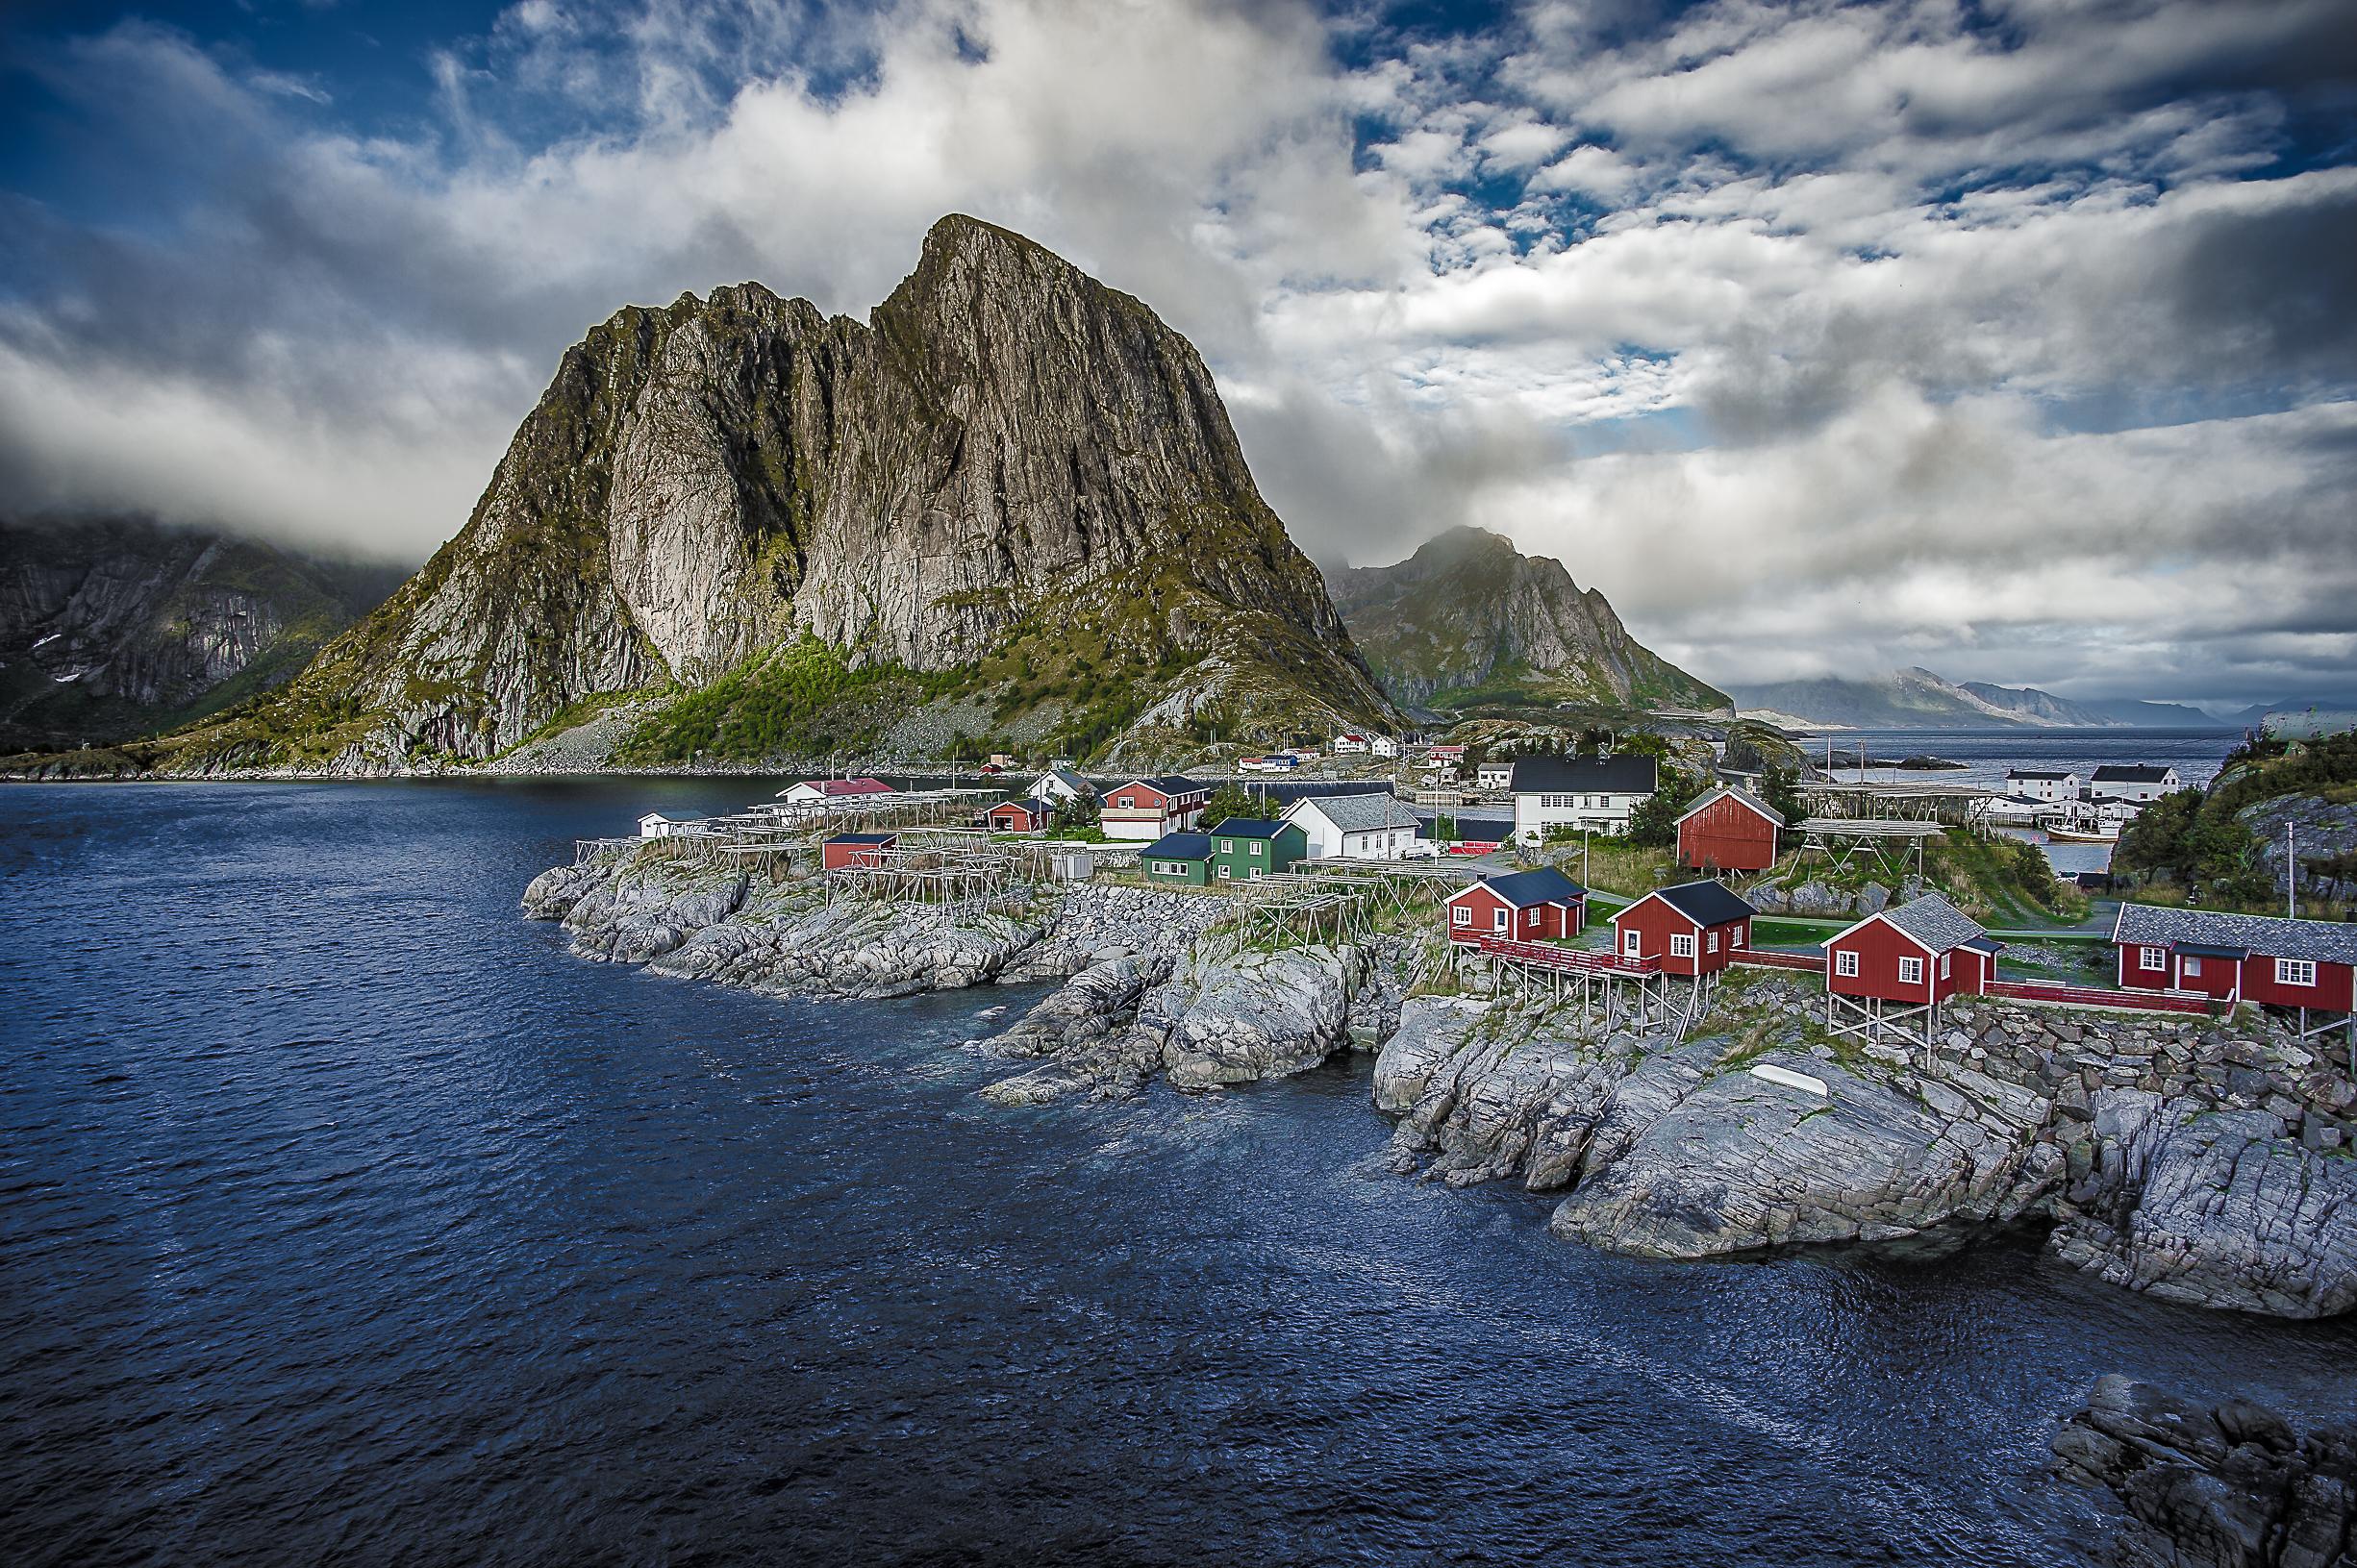 Hamnoy Islas Lofoten Noruega